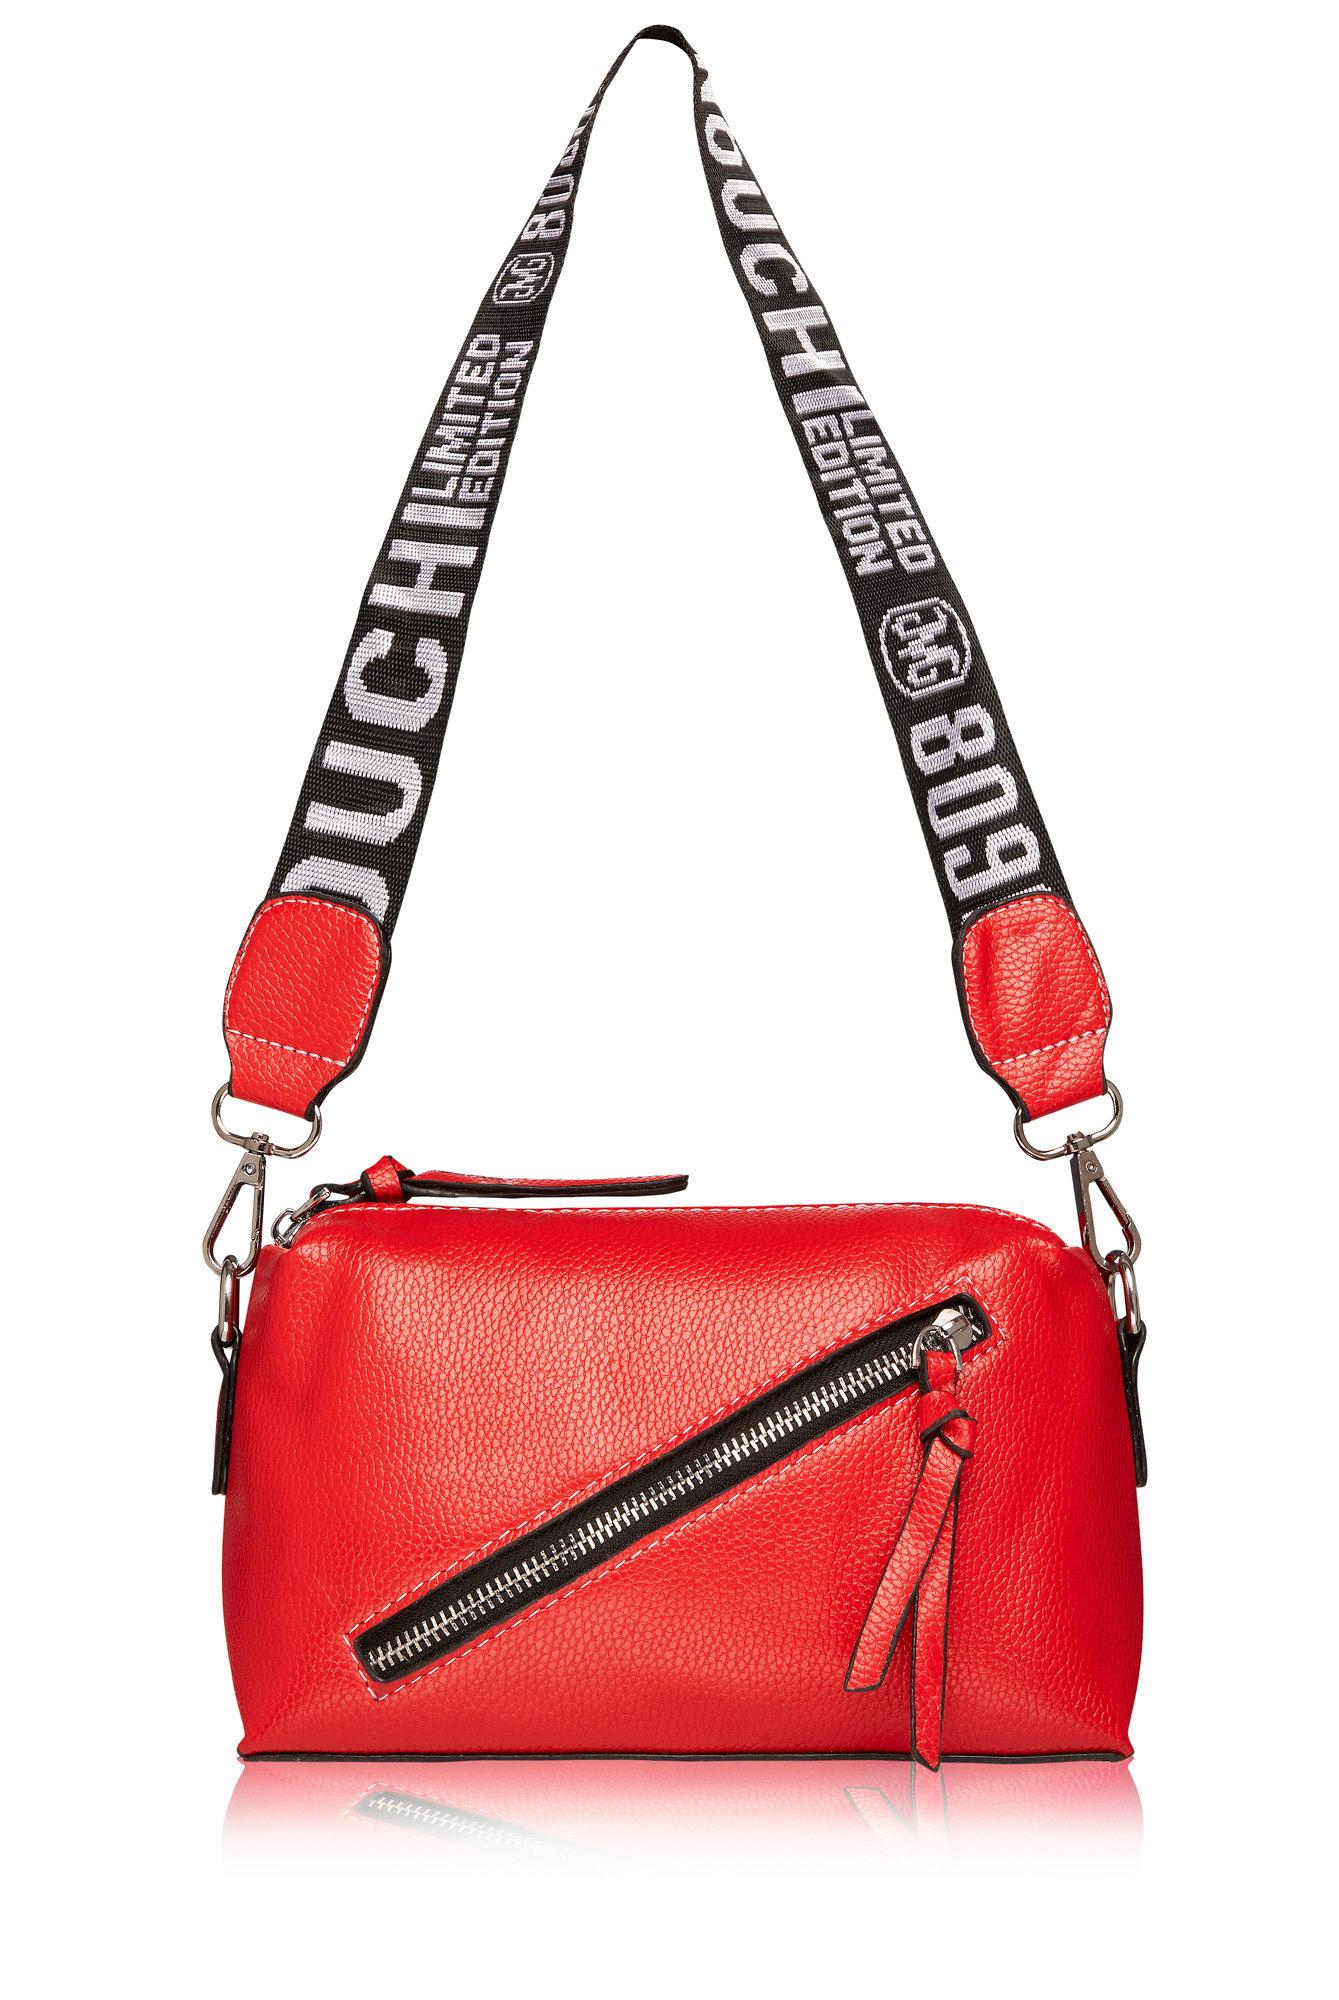 51573a909c46 Женские сумки оптом | Женская сумка через плечо модель: HOMS ...